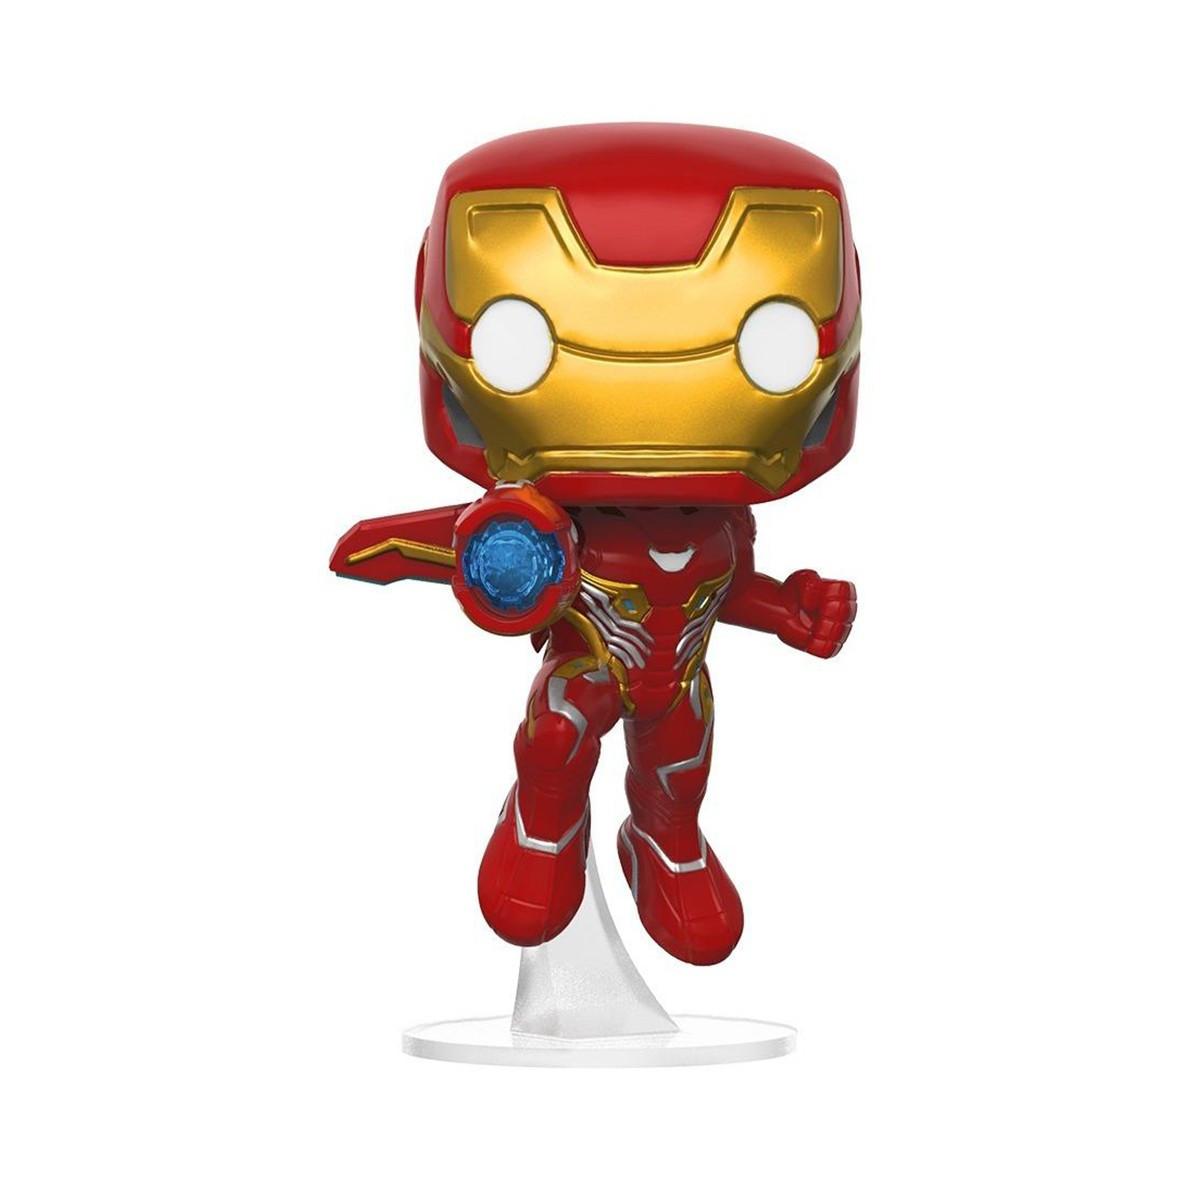 Фигурка Funko Pop серии Мстители Война бесконечности - Железный человек (26463)